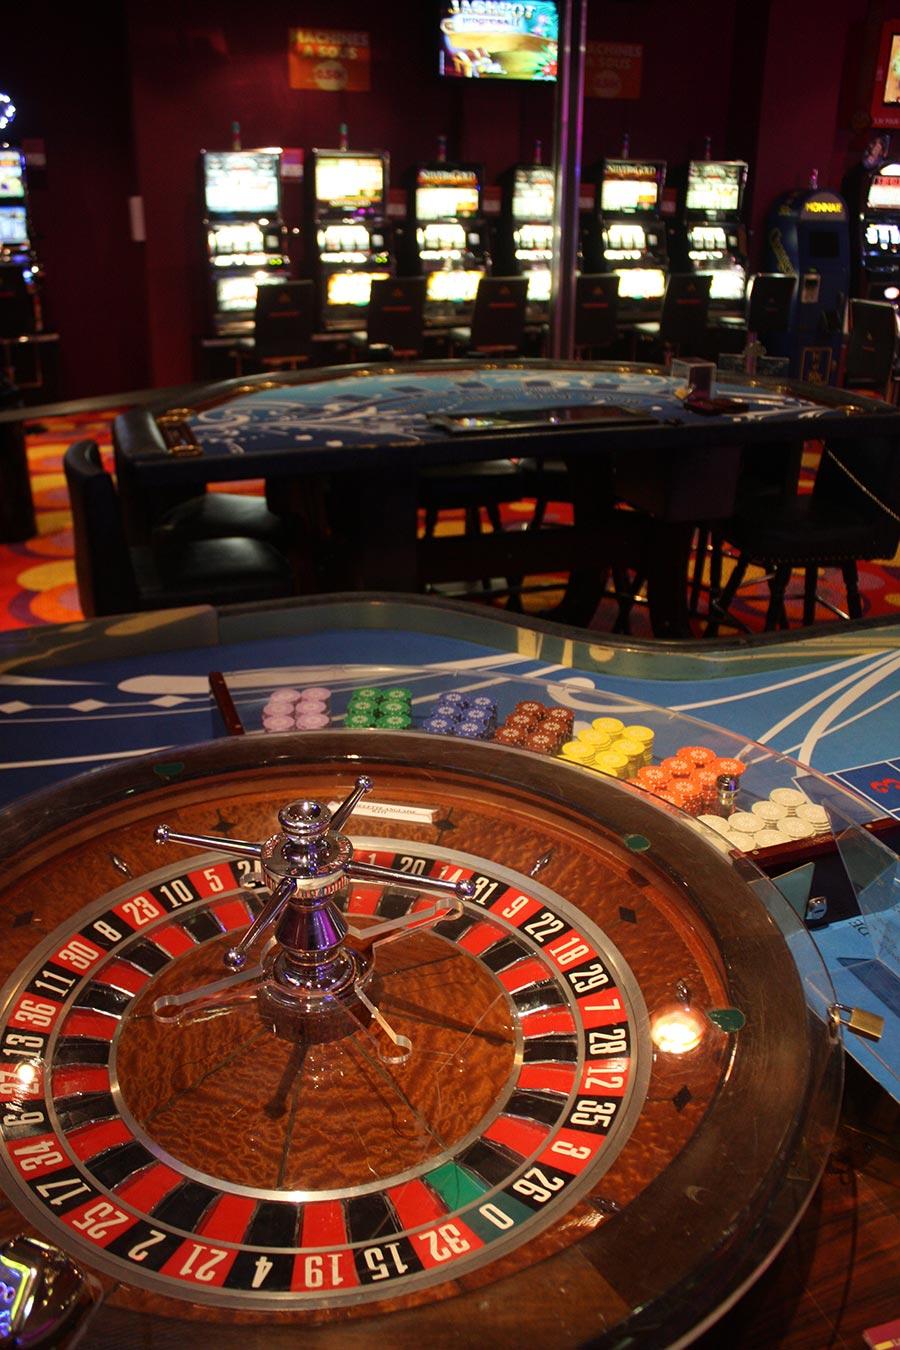 Des jeux casino gratuits pour tous les goûts